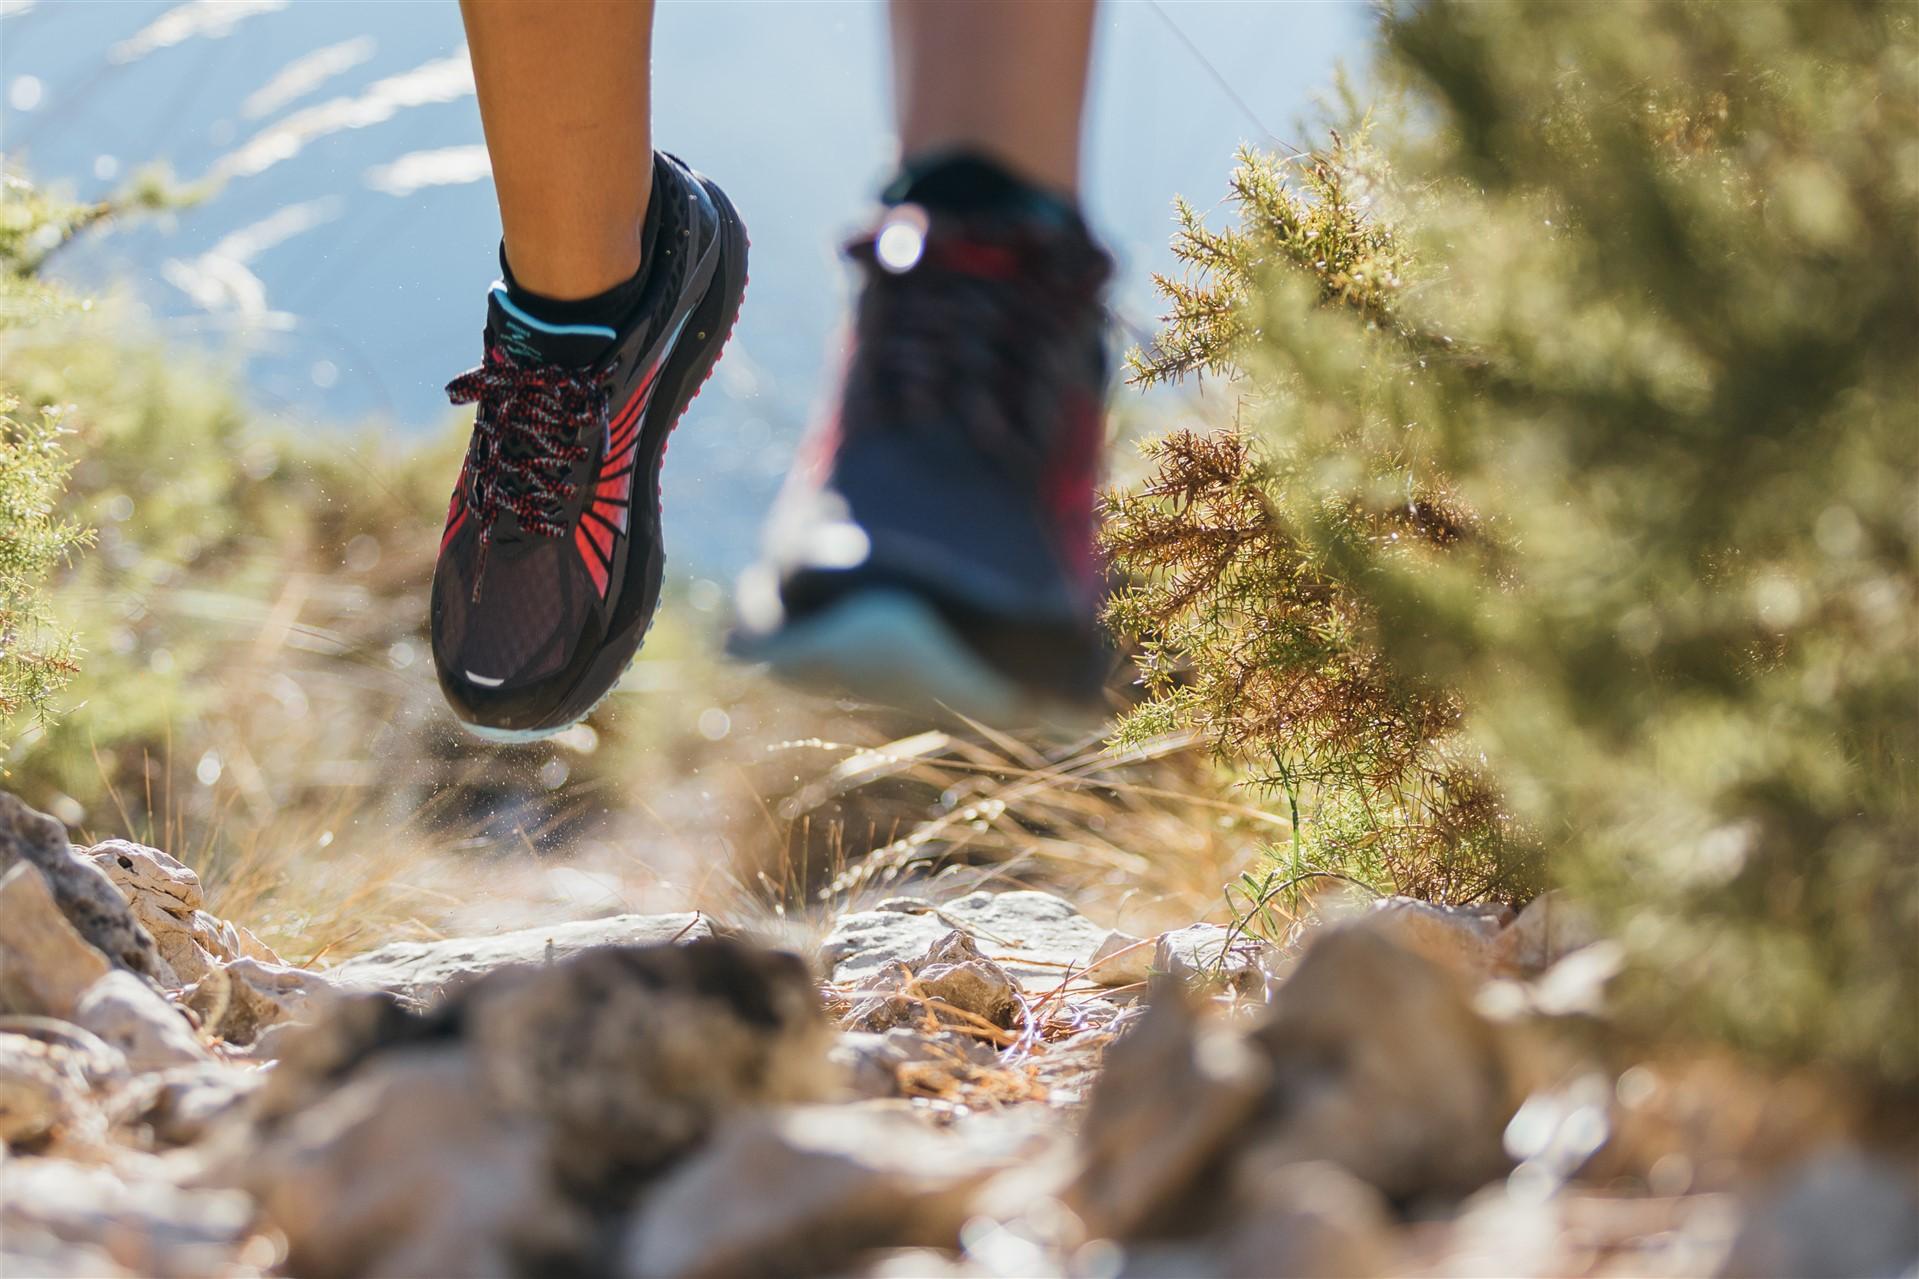 2604acf1 Amerykańska marka Brooks Running liczy sobie ponad 100 lat. Zobaczcie jakie buty  do biegania w terenie, do startów w biegach z przeszkodami (Runmageddon, ...